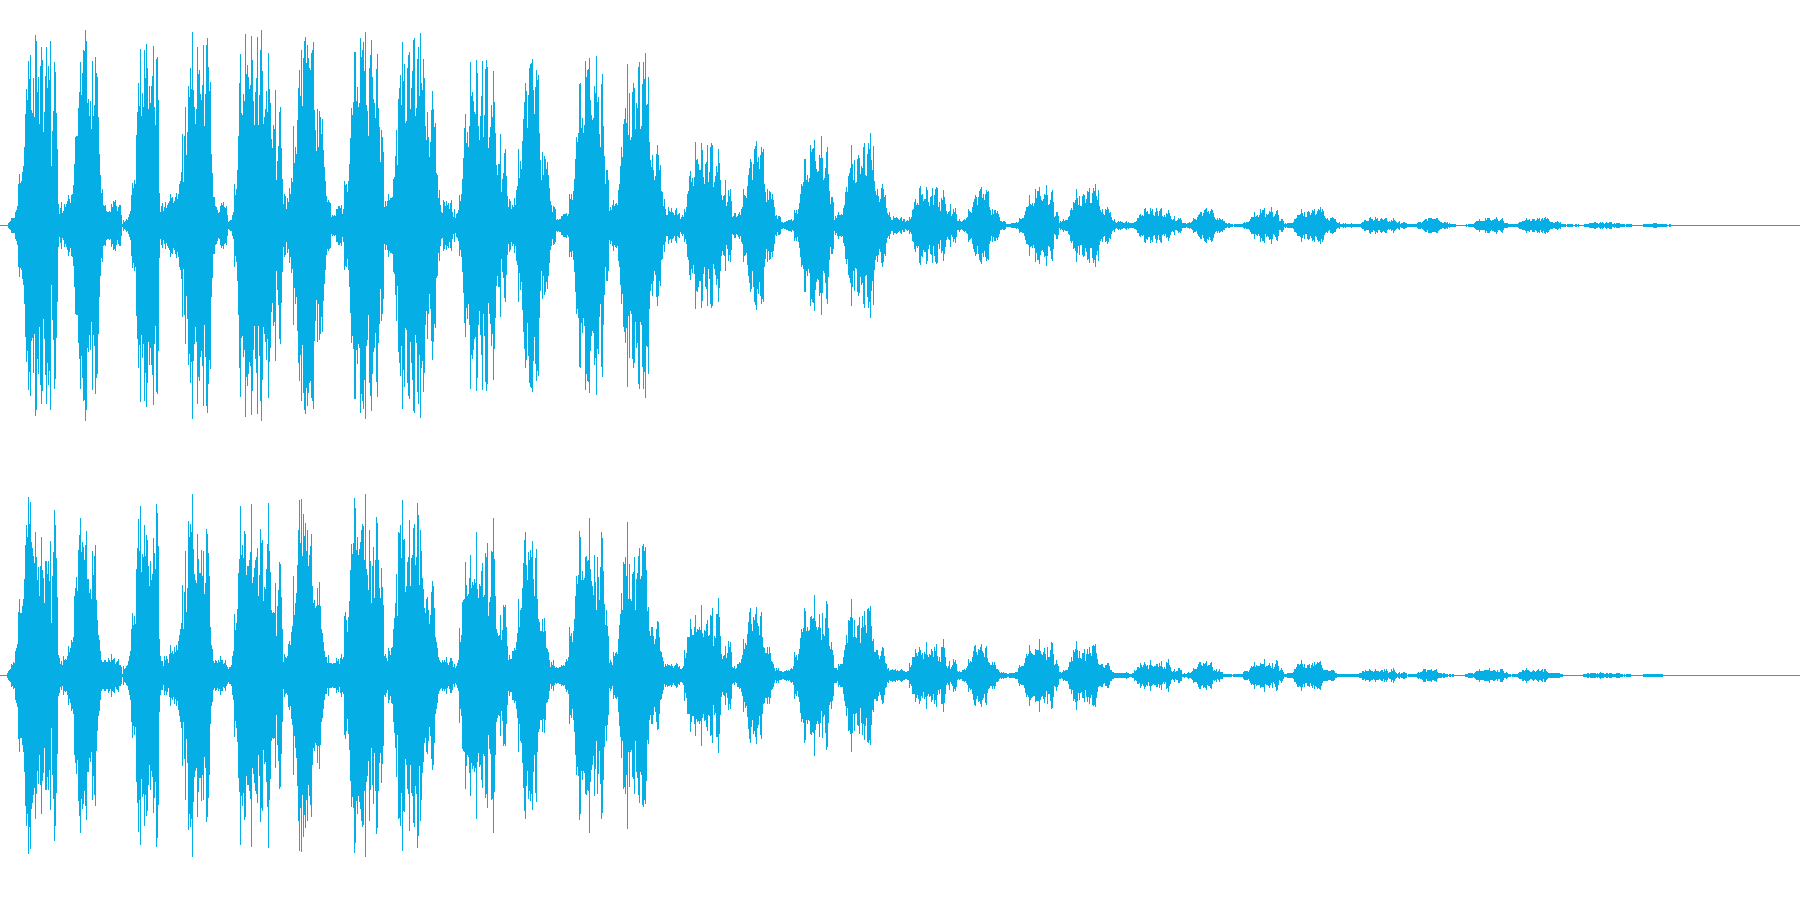 ピョコピョコピョコ(ユニークな効果音)の再生済みの波形